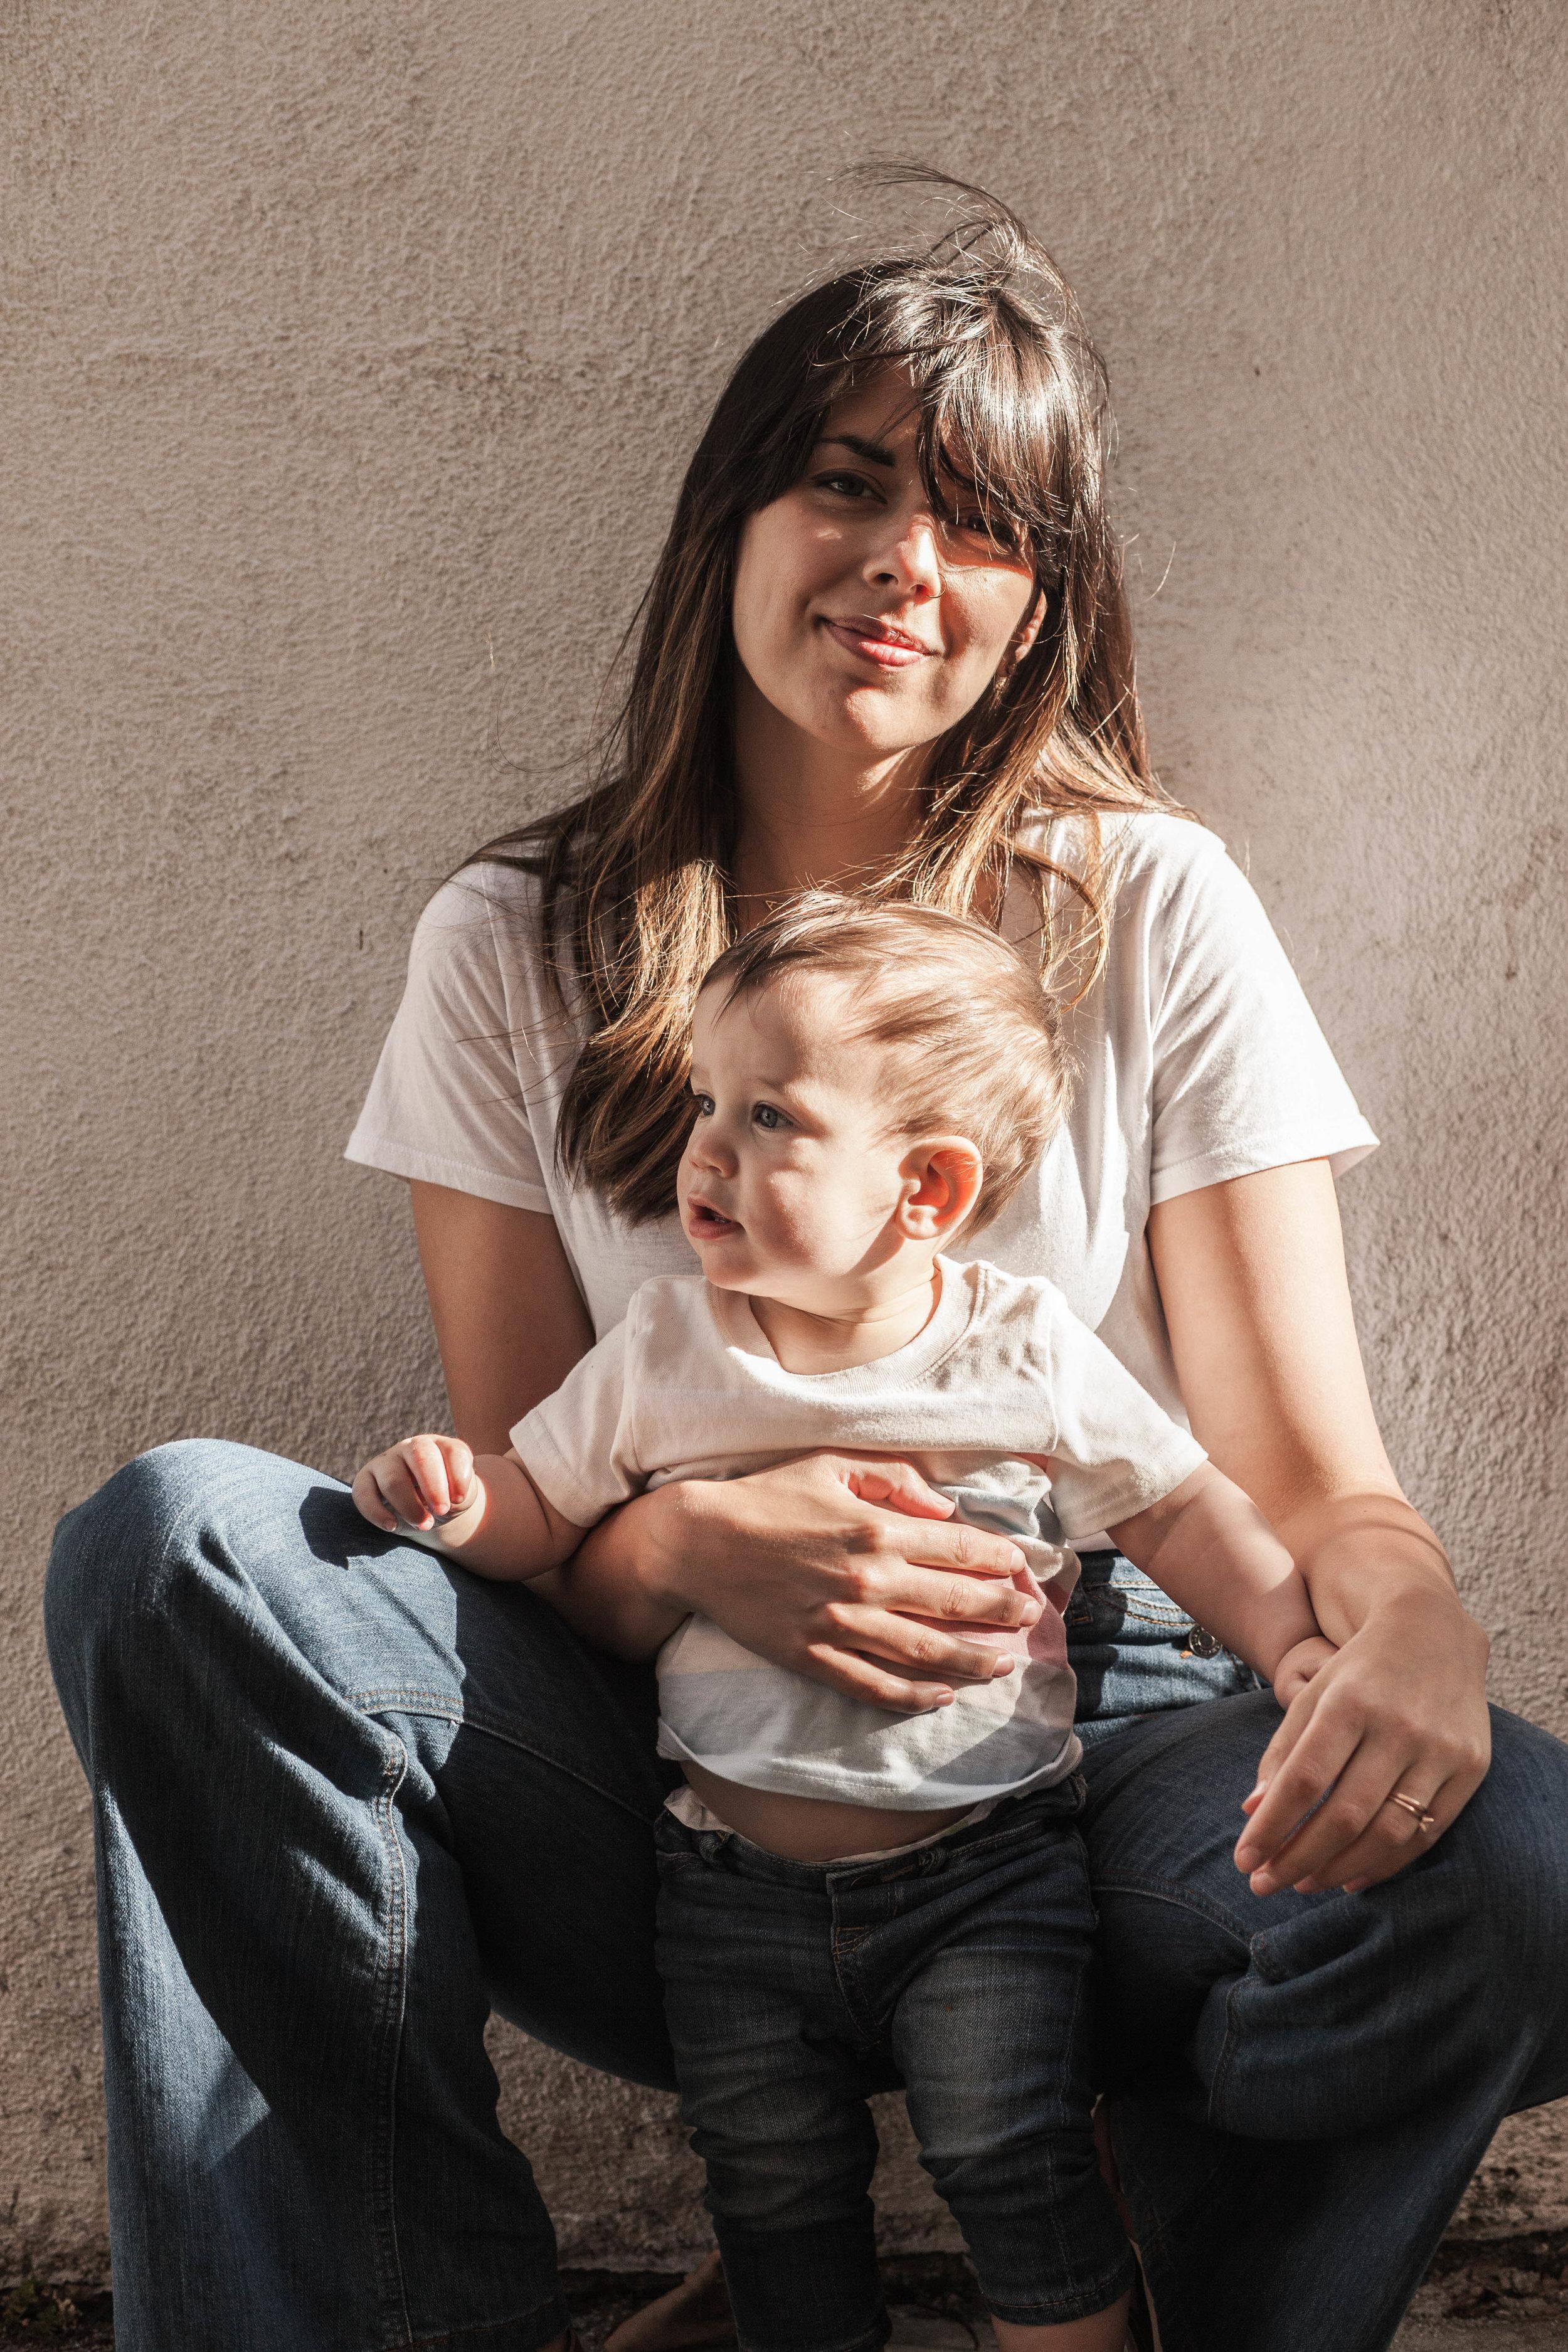 Britt + Avery 9 months